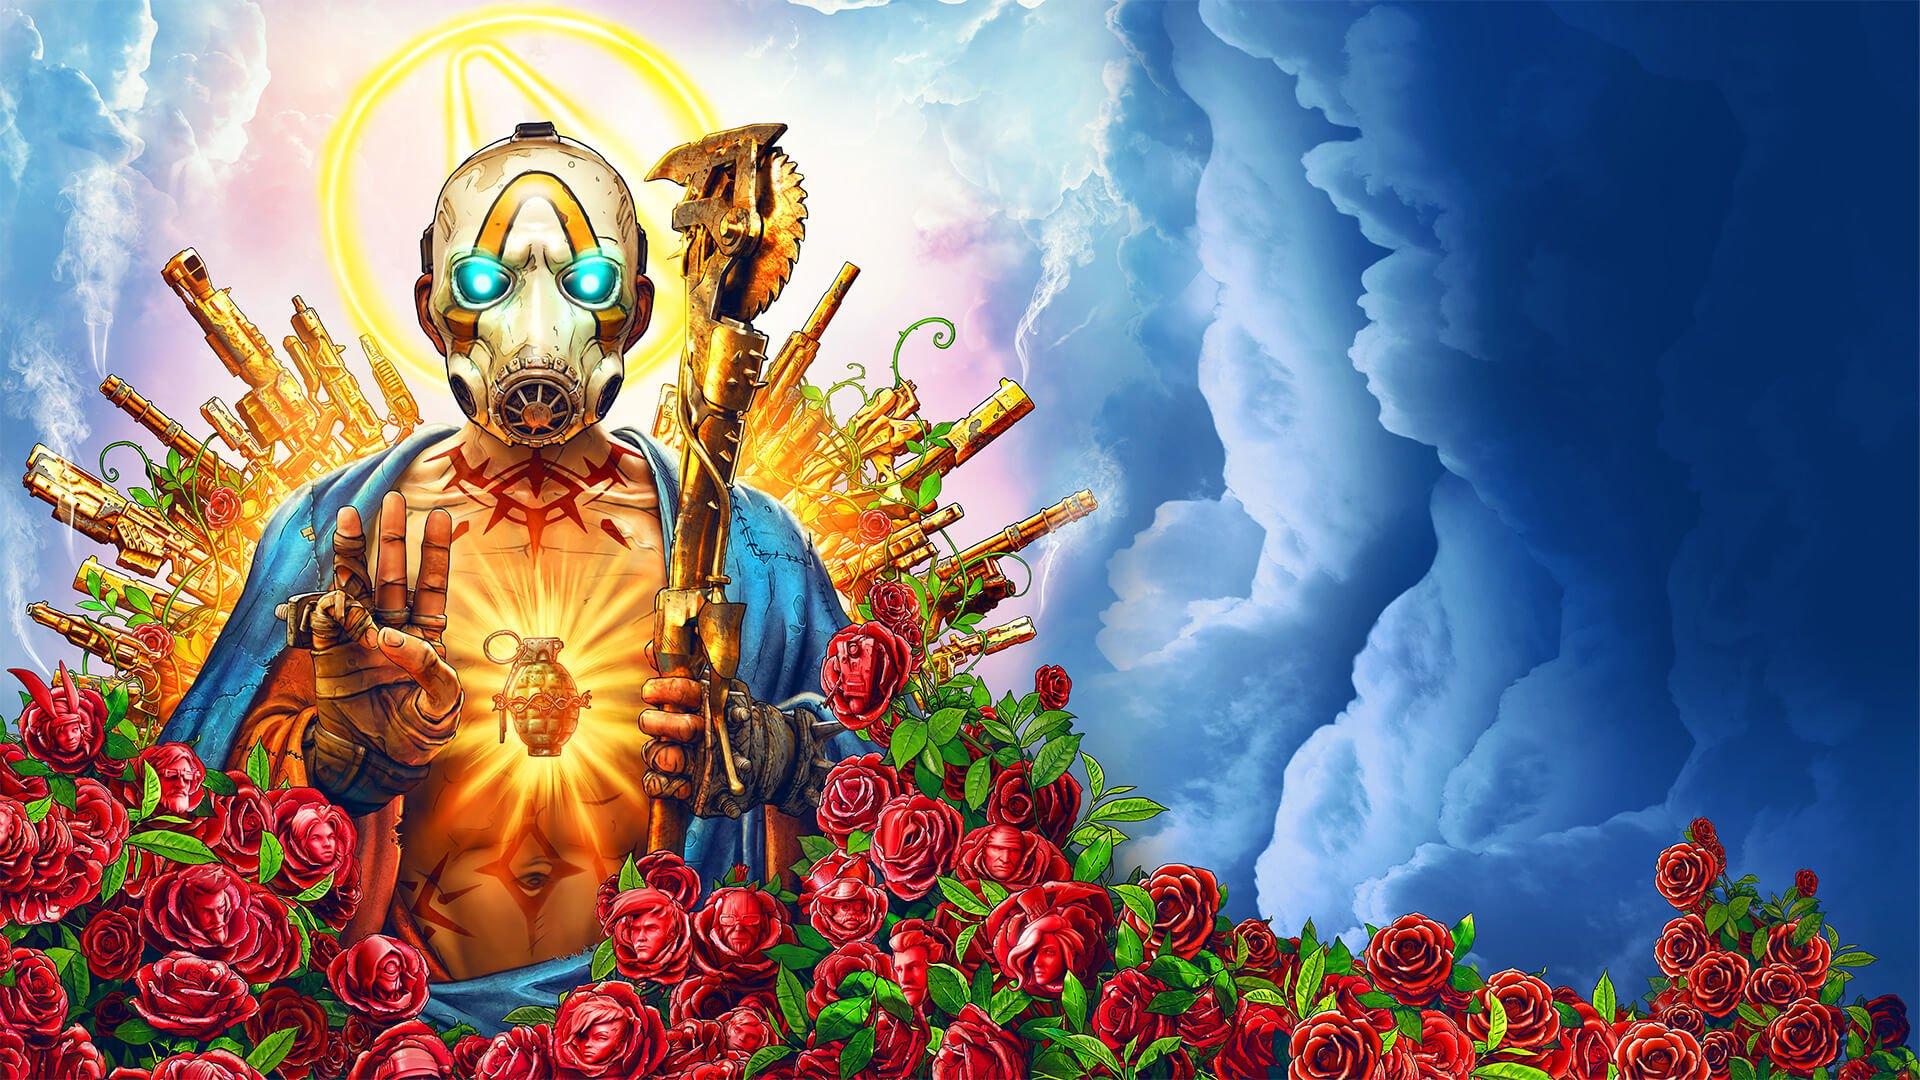 Borderlands 3 zmierza na Steam - poznaliśmy datę premiery i ciekawe udogodnienia dla wytrwałych graczy